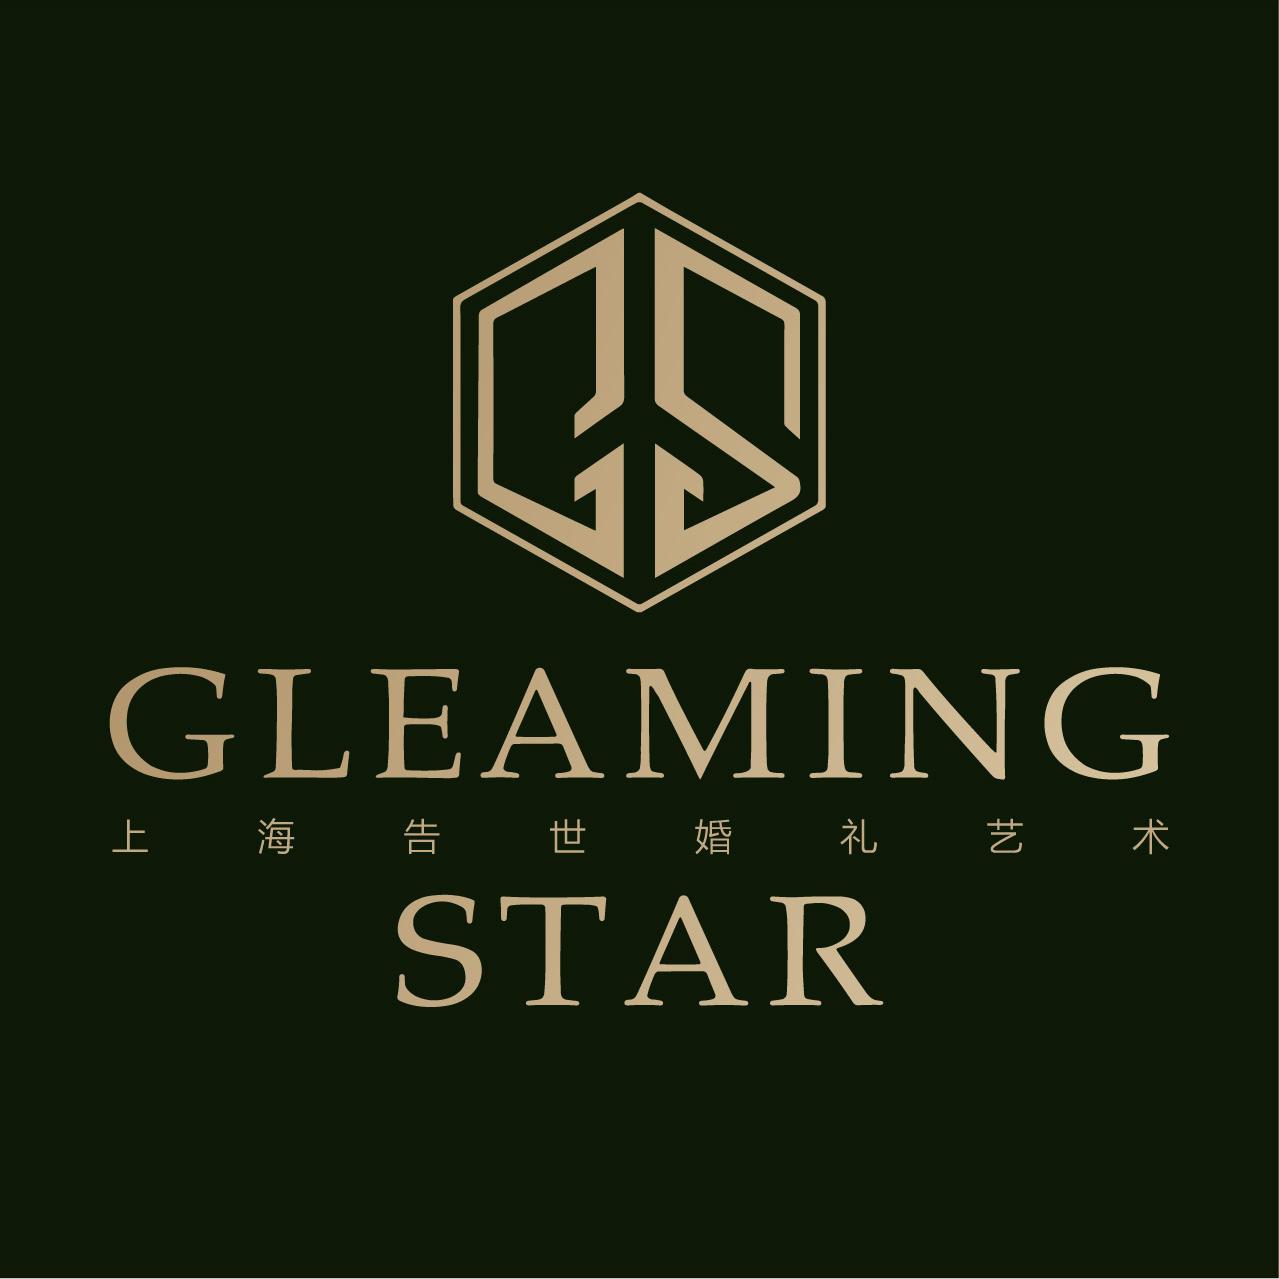 Gleaming Star 婚礼企划